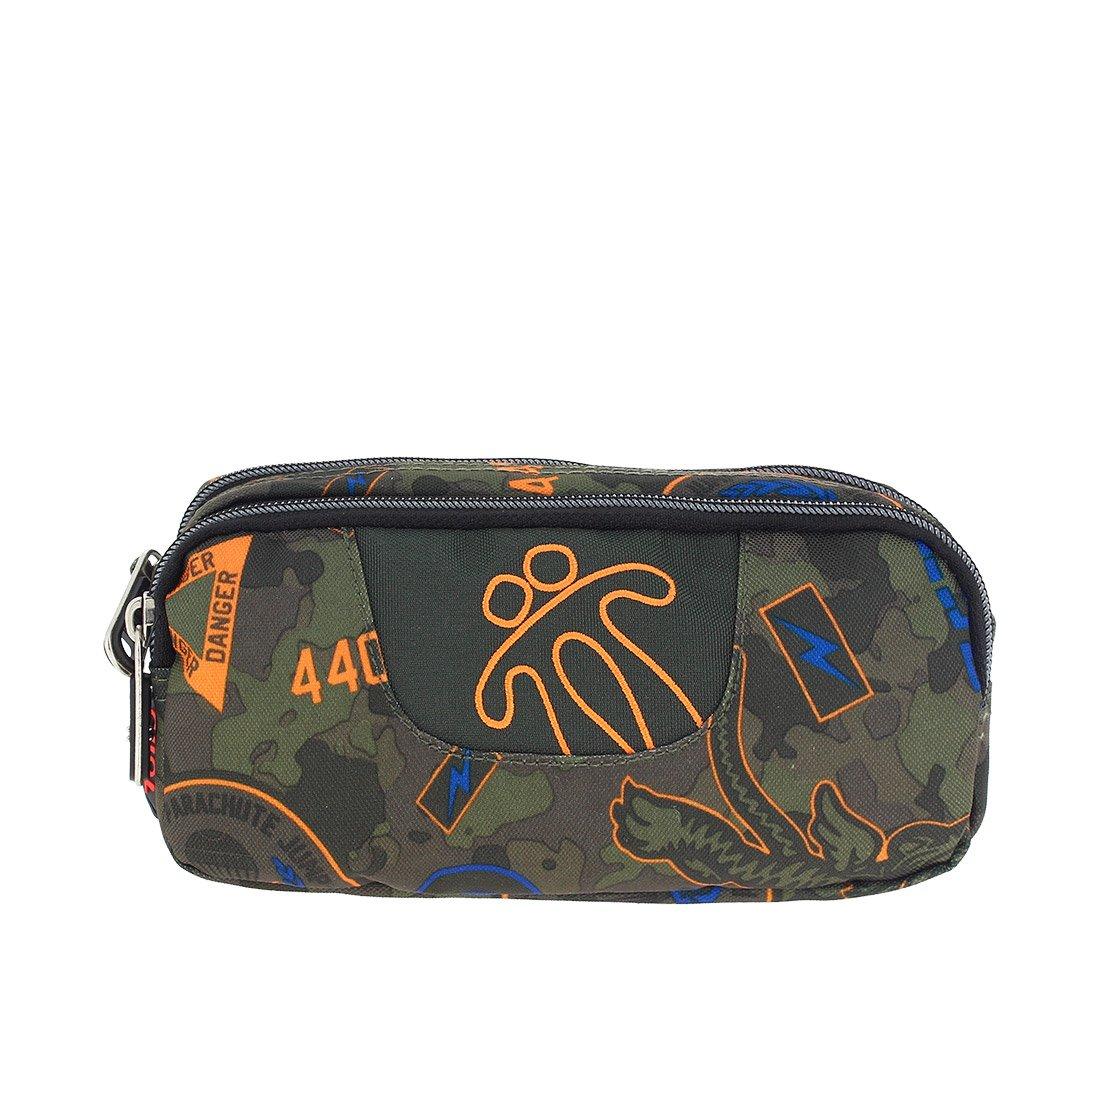 Totto Colección Ecole - Sobre - Estuche con Dos Compartimentos, 9.5 x 20 x 7 cm, Multicolor: Amazon.es: Oficina y papelería